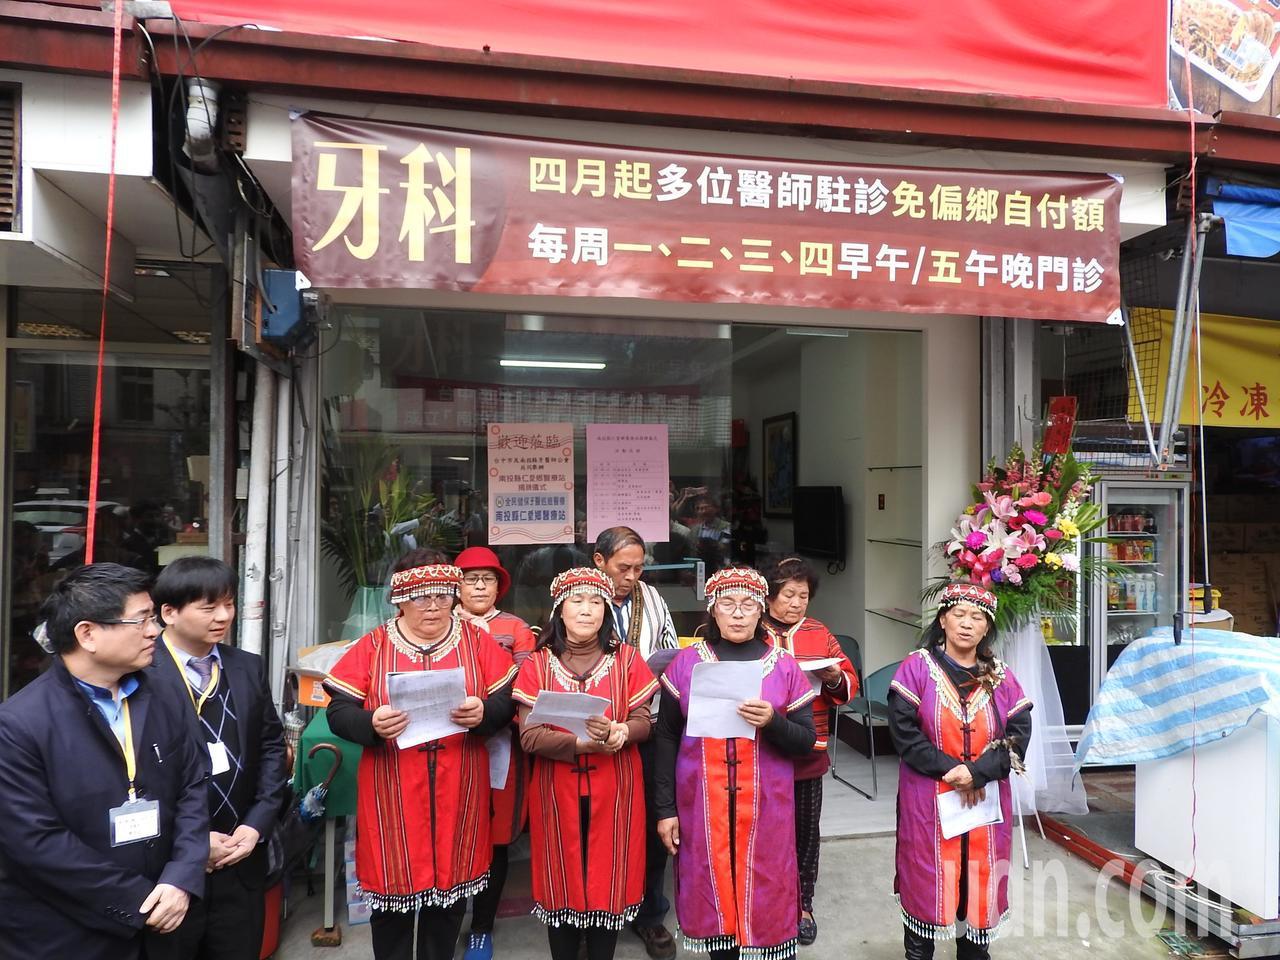 台中市牙醫師公會和南投牙醫師公會合作在仁愛鄉霧社成立醫療站,昨正式揭牌啟用。記者...